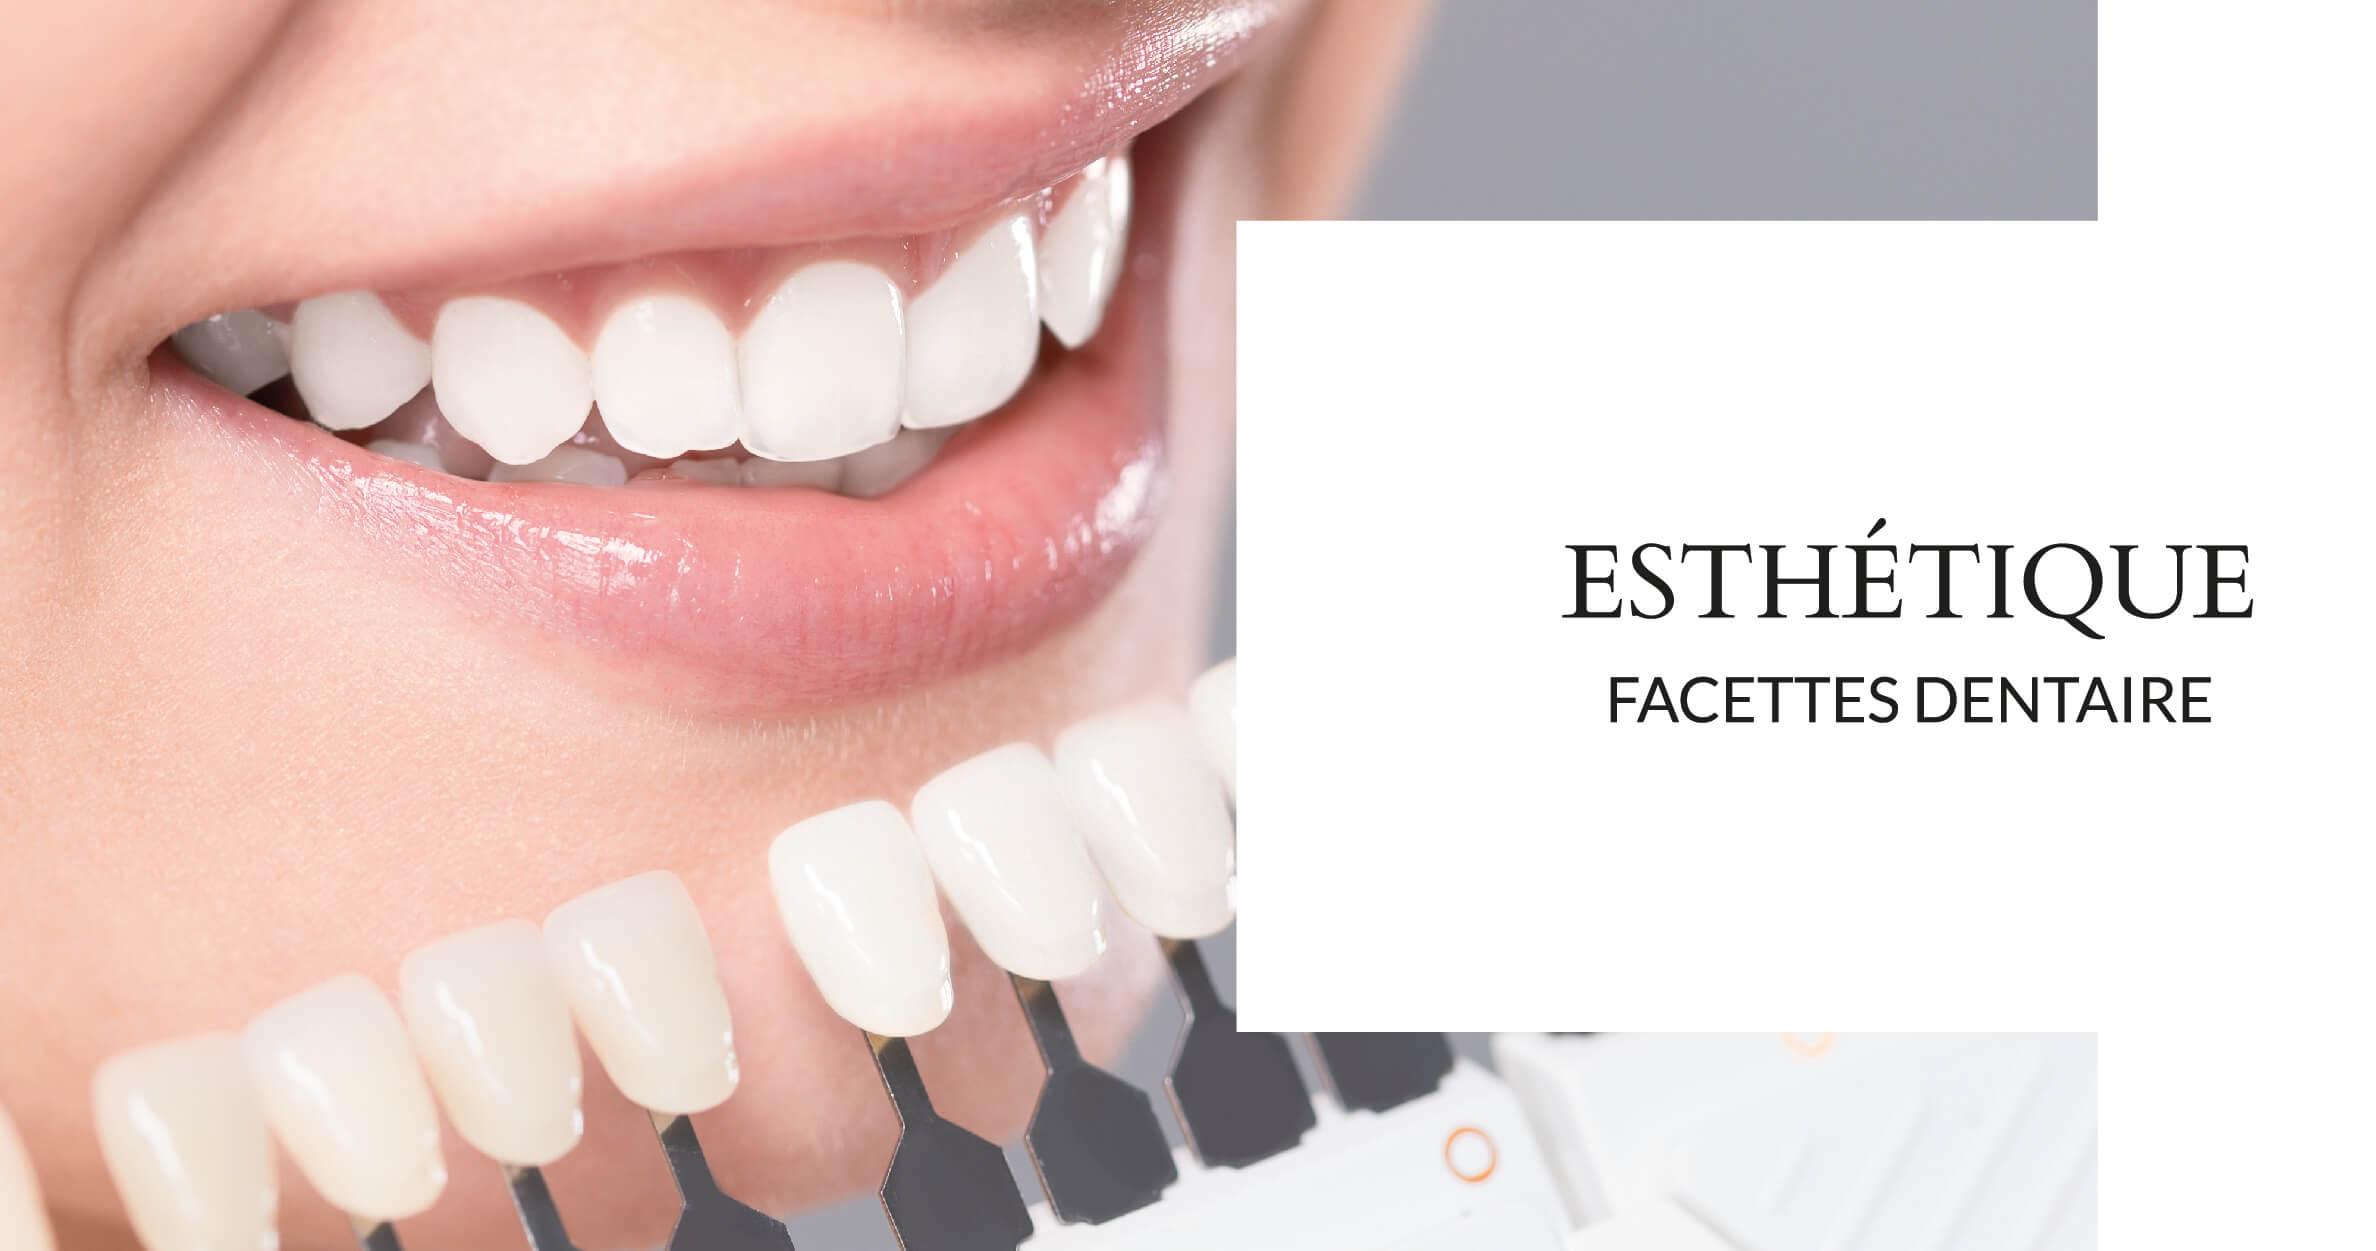 Facettes dentaire - Cabinet dentaire du Dr Ludovic Ache Paris 16